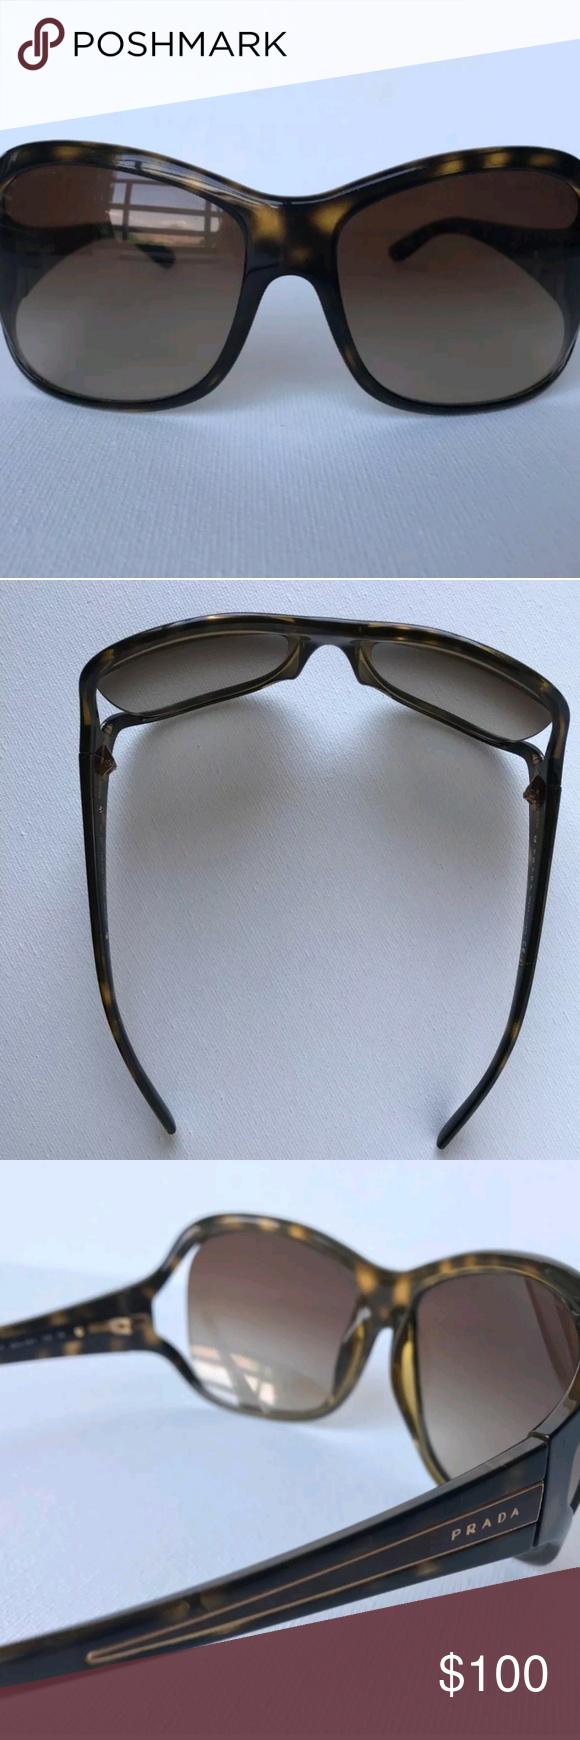 820adcc1f7 get prada spr05l havana brown authentic prada sunglasses spr05l in havana  brown model spr05l color b5c11